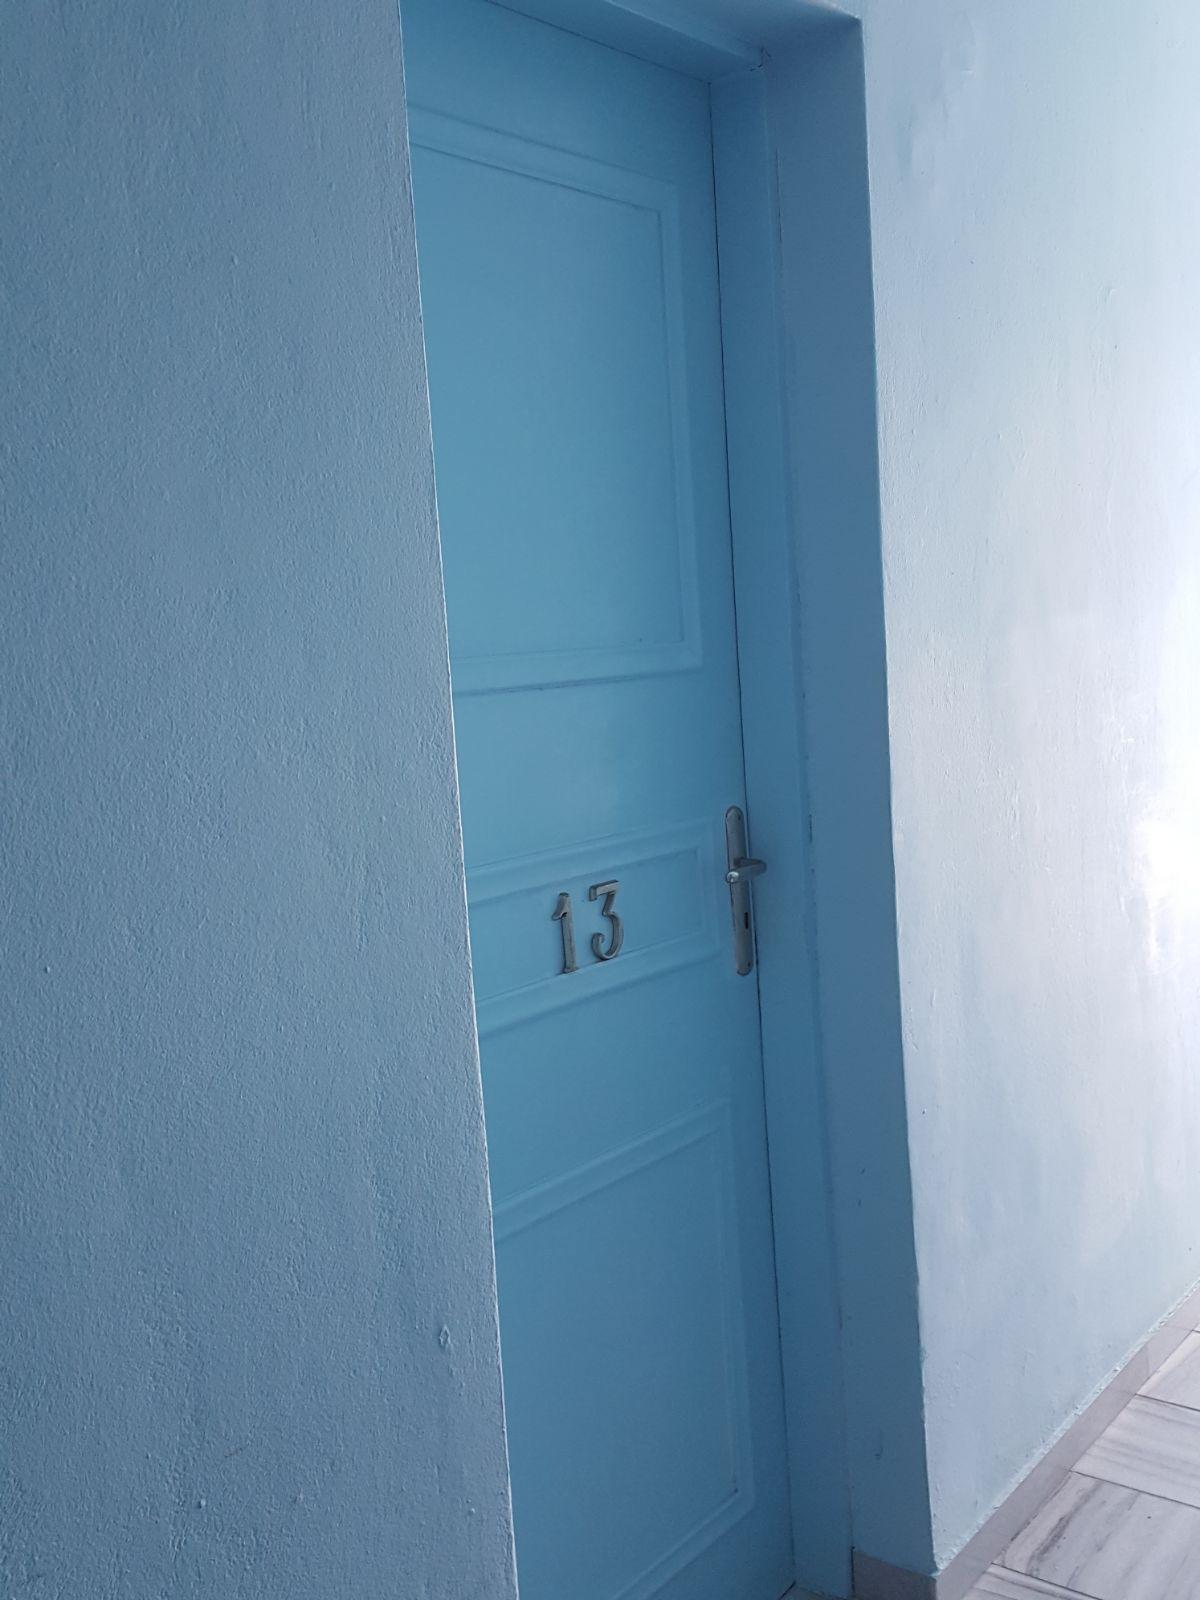 Puertas n mero 13 puerta 13 de una habitaci n de hotel for Puerta 6 autodromo hermanos rodriguez ubicacion